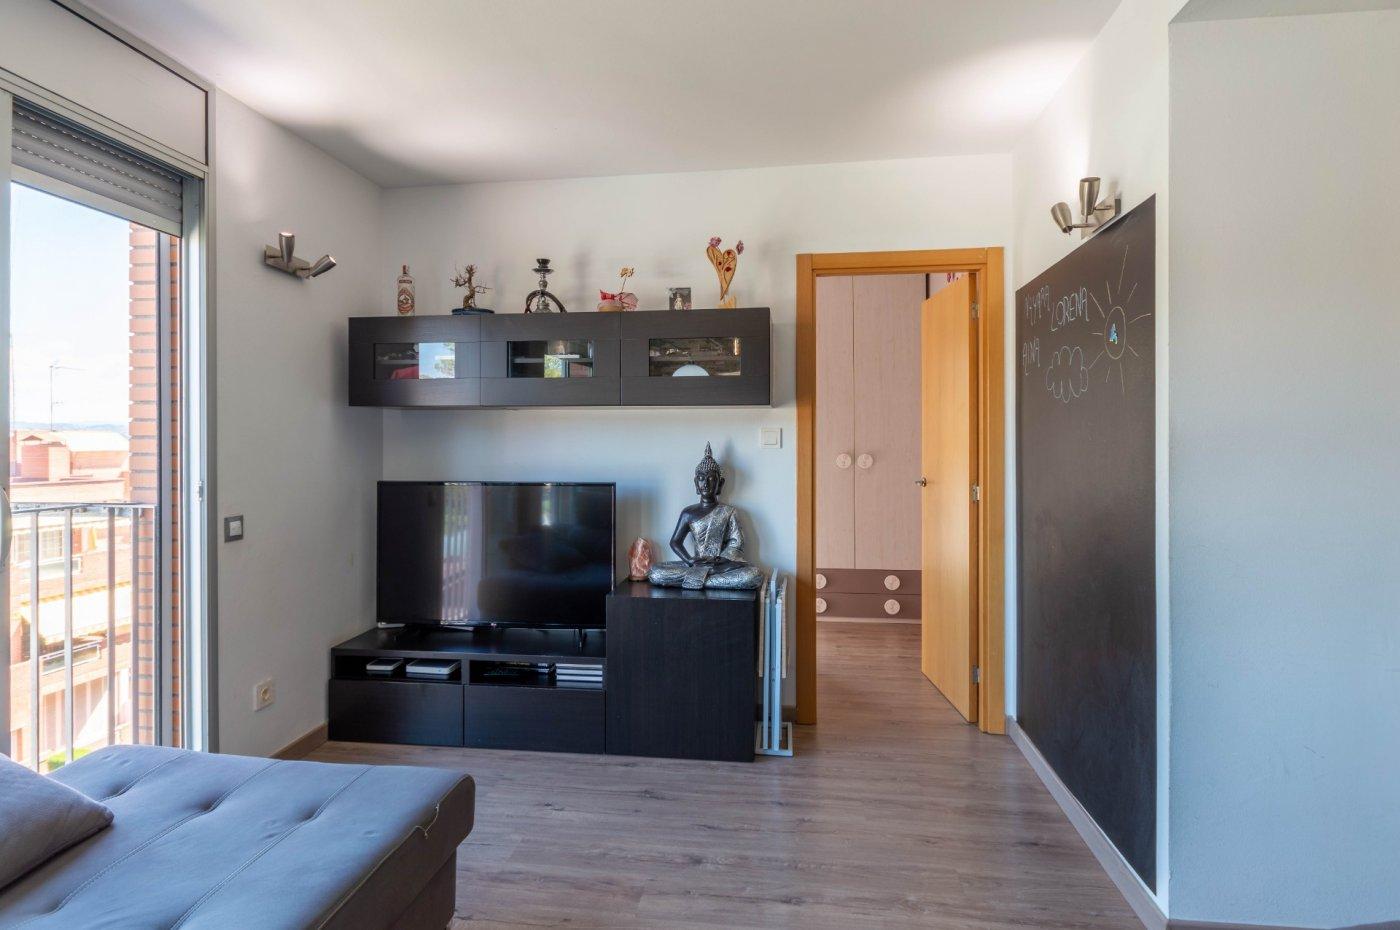 Piso de 50 m² en st. andreu de la b. zona raval de corbera. 2 hab., 1 baño, parking y tras - imagenInmueble5